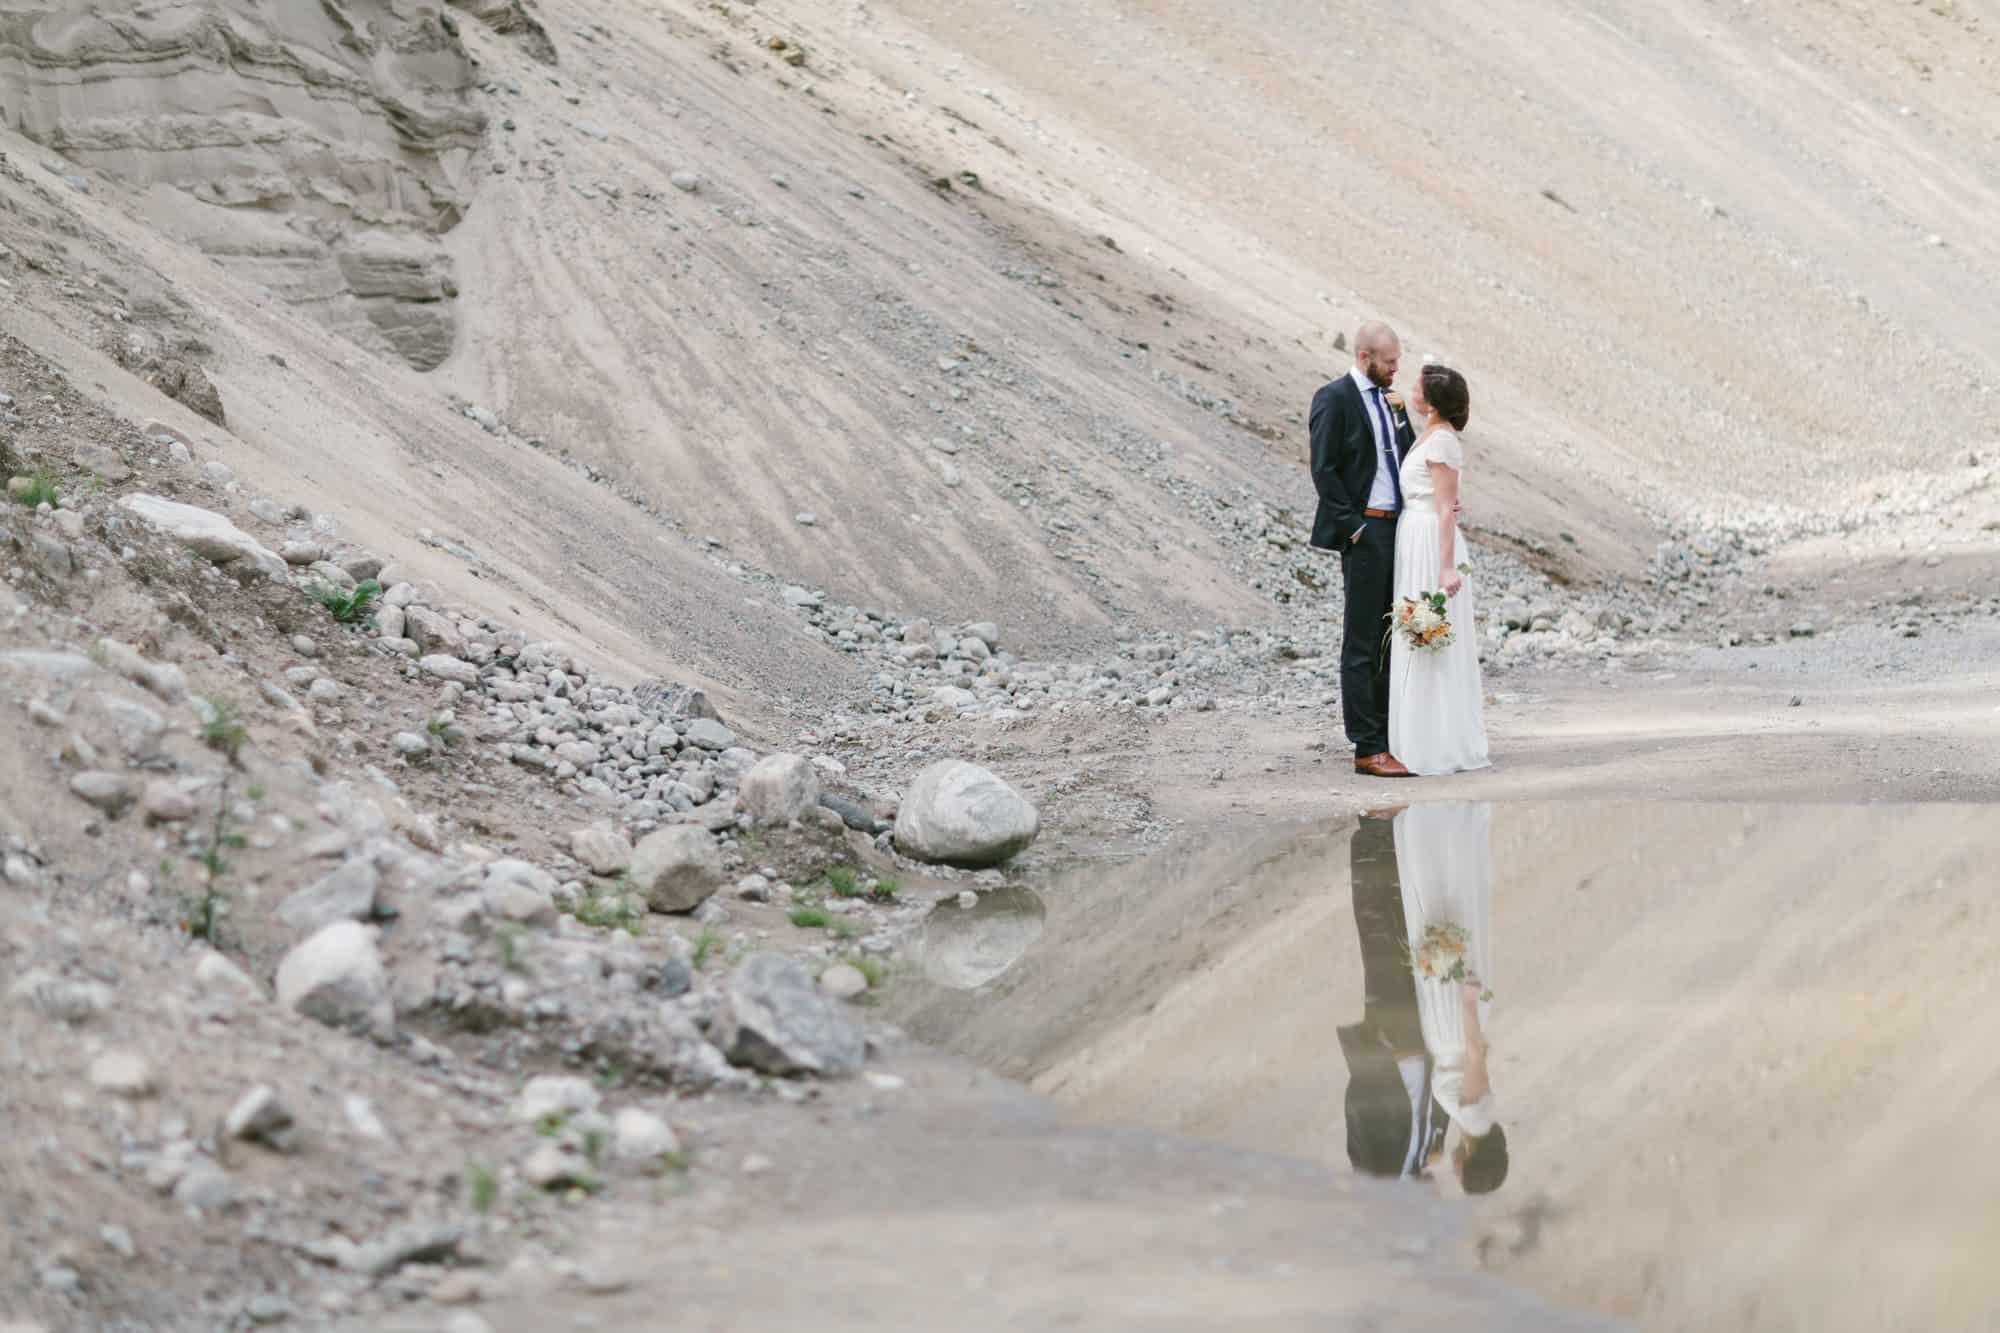 Bröllop, Mölnlycke, Wedding, Brud, Porträtt, Sand, Betong, Bro, Zetterberg Couture, Bröllopsfoto, bröllopsfotograf, Oskar Allerby